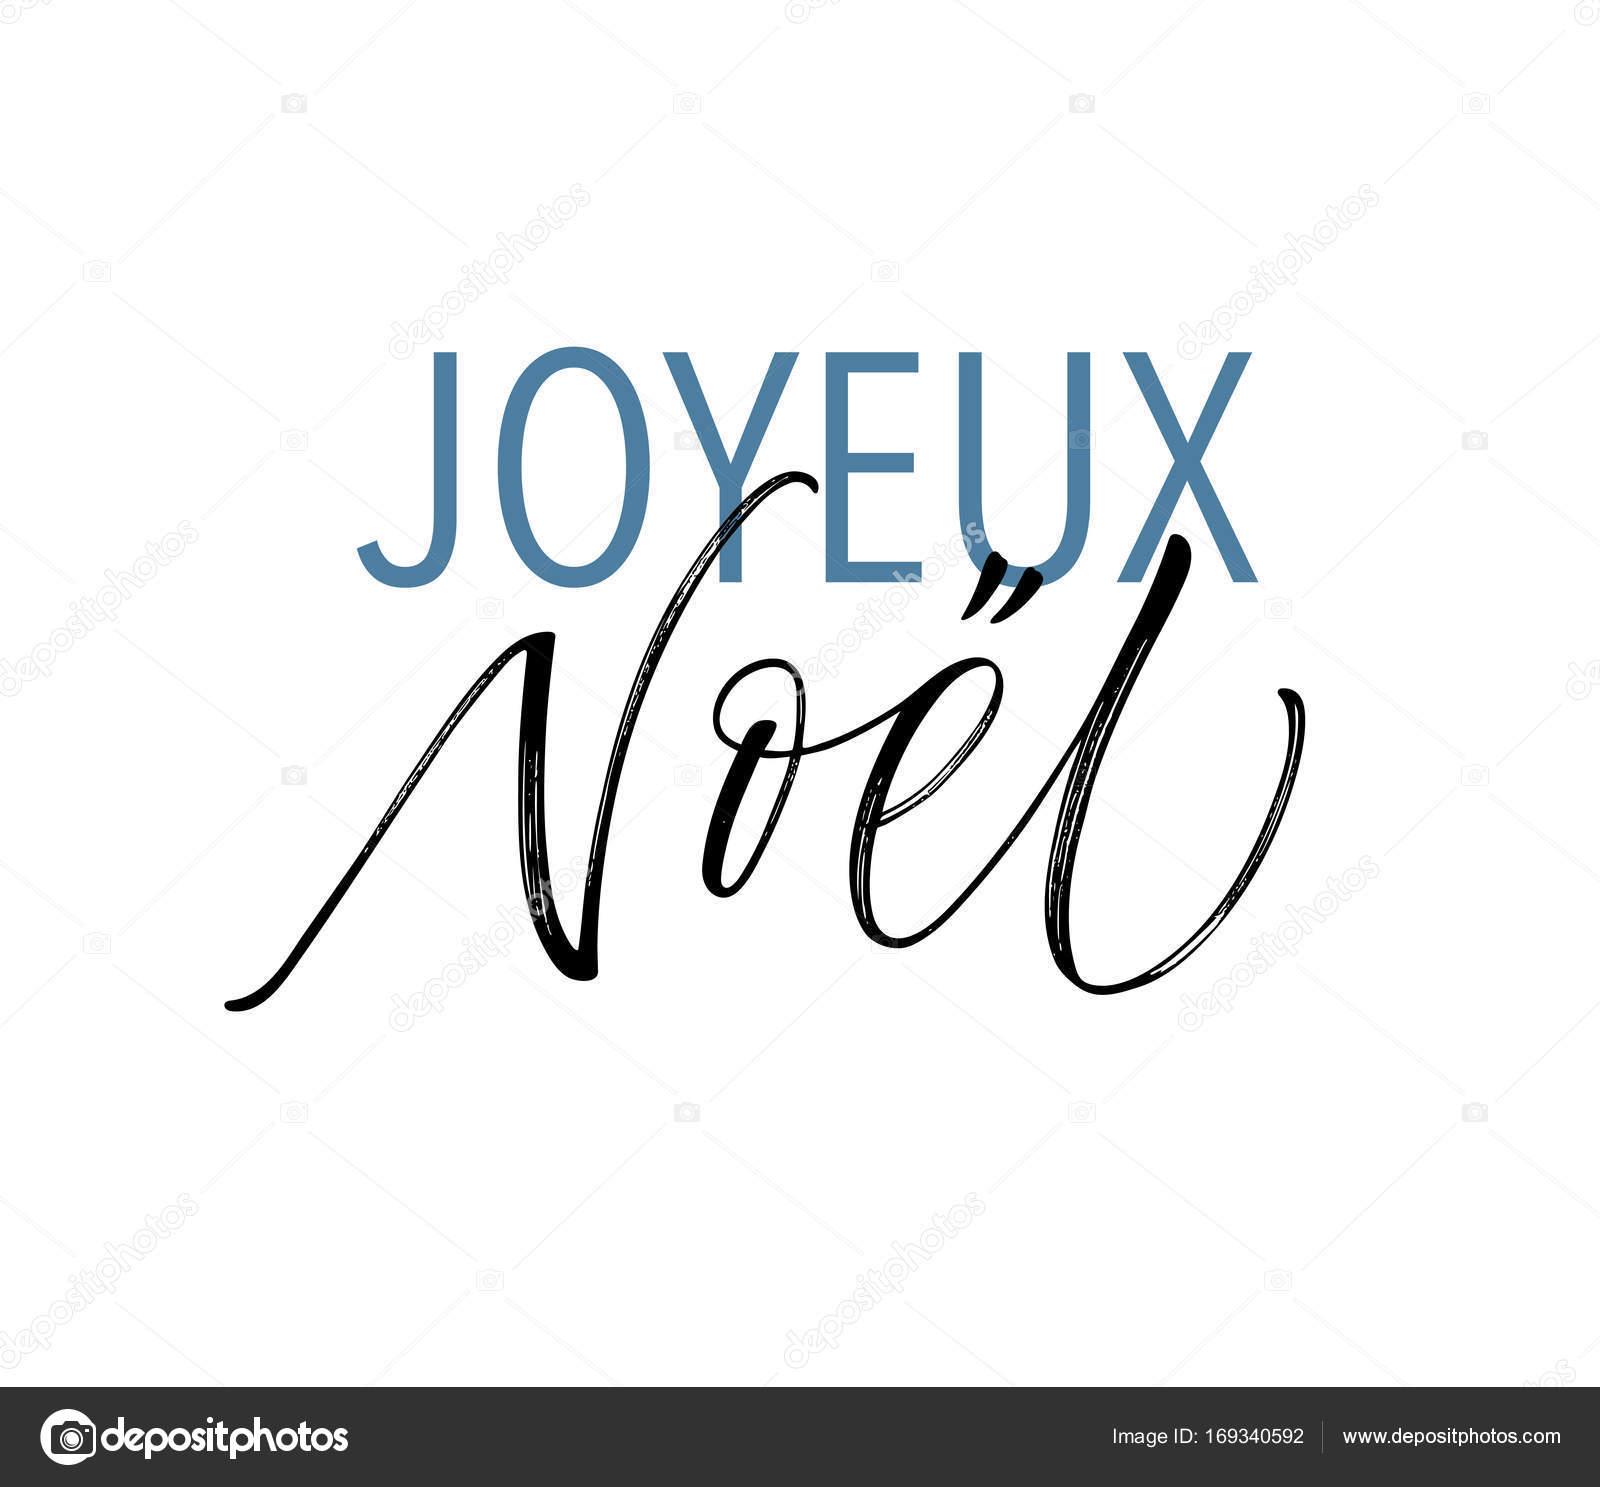 Joyeux Noel Phrase Vetores De Stock Gevko93 169340592